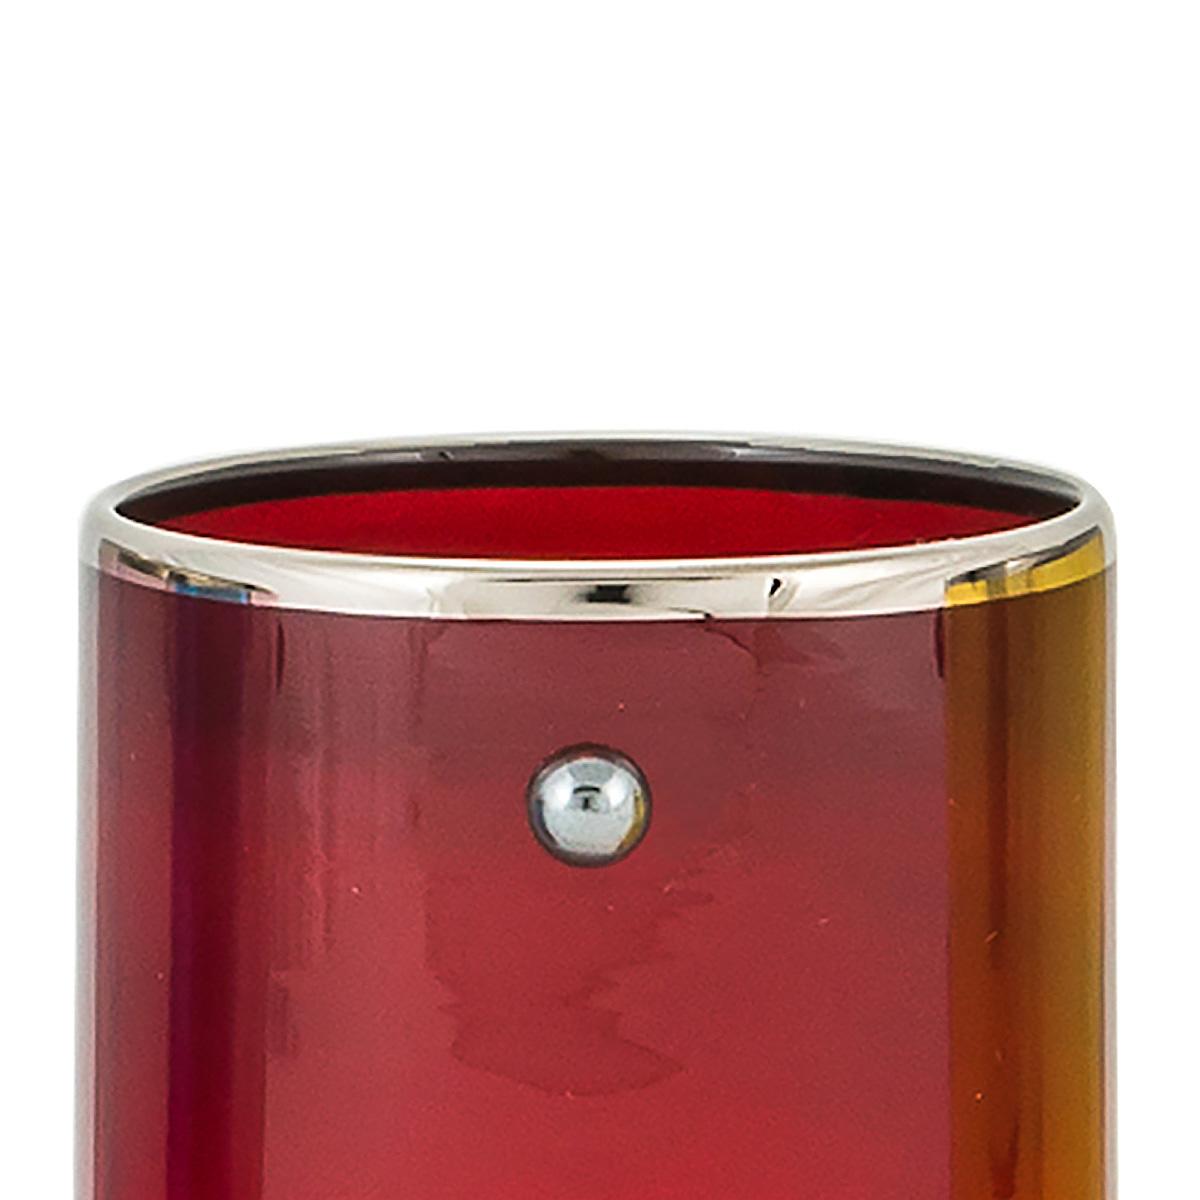 JAI-shot-glass-red-murano-vodka-venice-handmade-luxury-rim-platinum